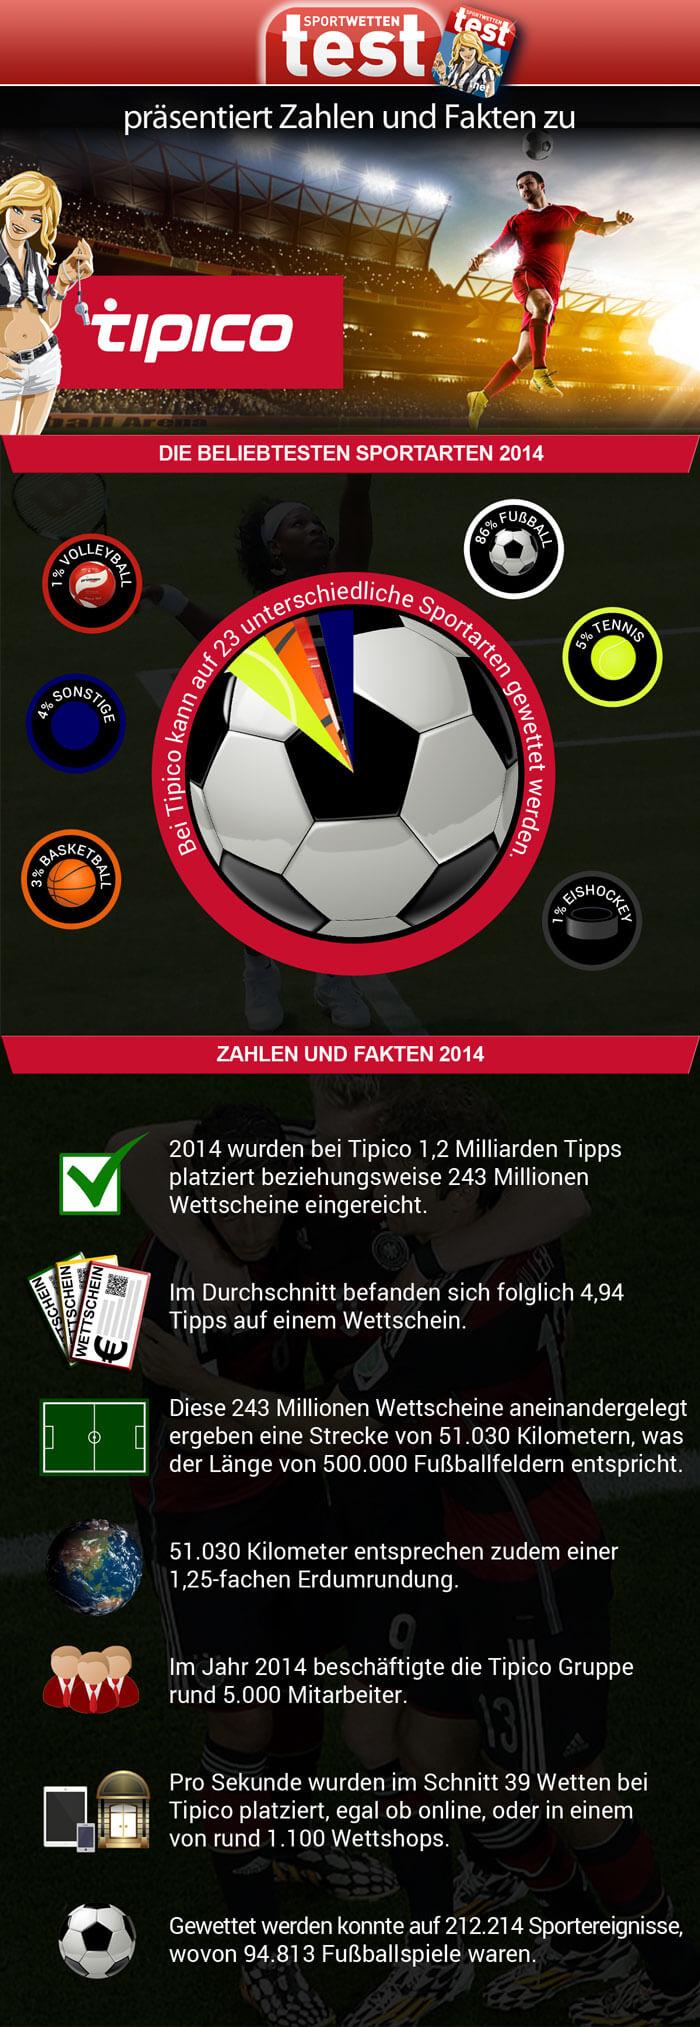 Infografik Tipico Zahlen und Fakten im Sportwetten Test